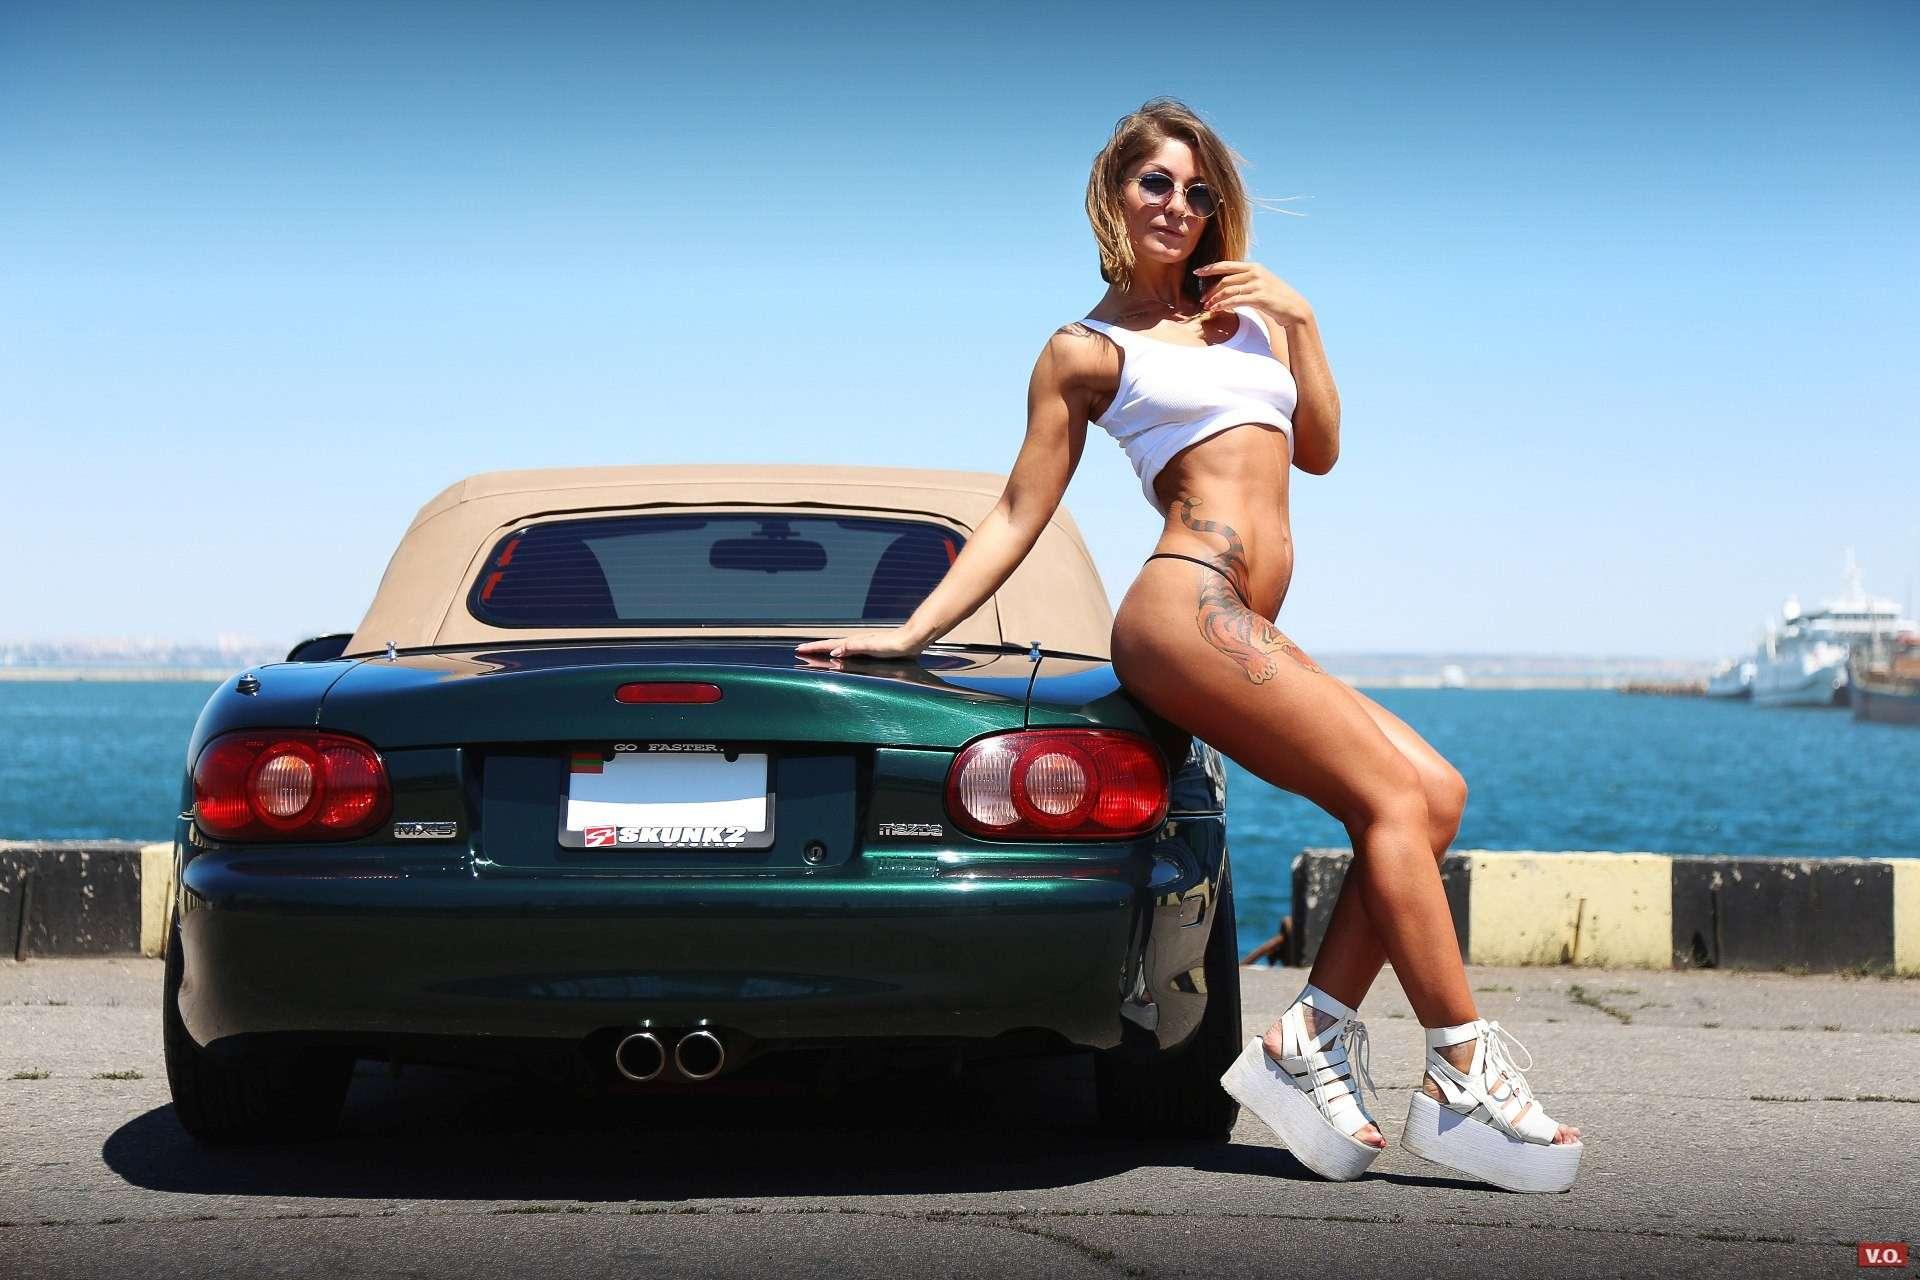 213878 - Сексуальные девушки и автомобили (часть 17)